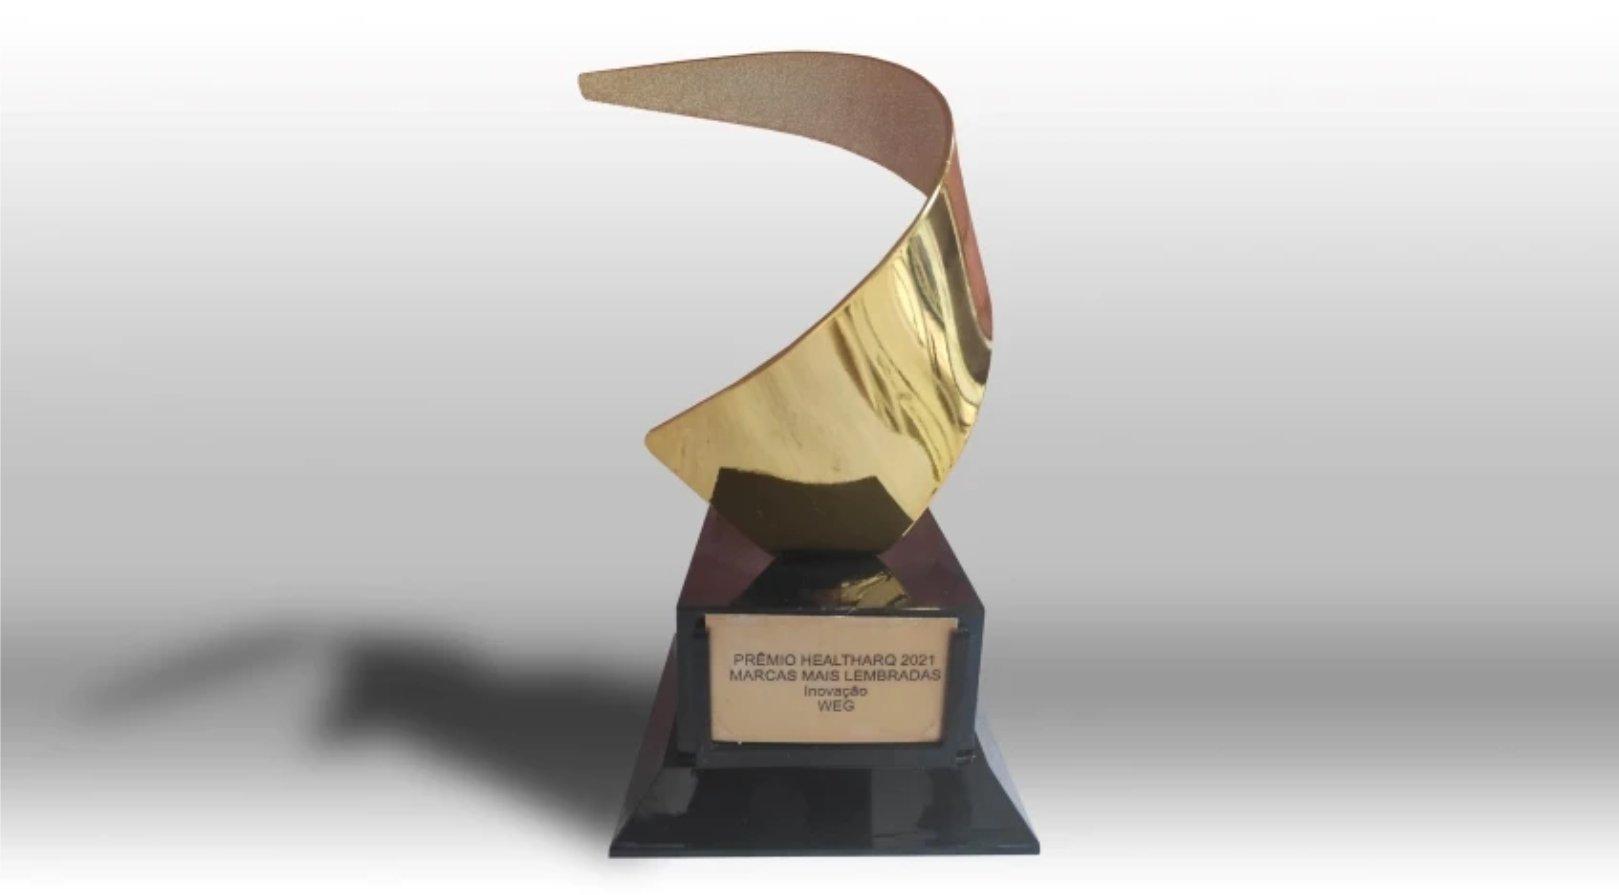 WEG recebe prêmio de marca mais lembrada em inovação na área da saúde